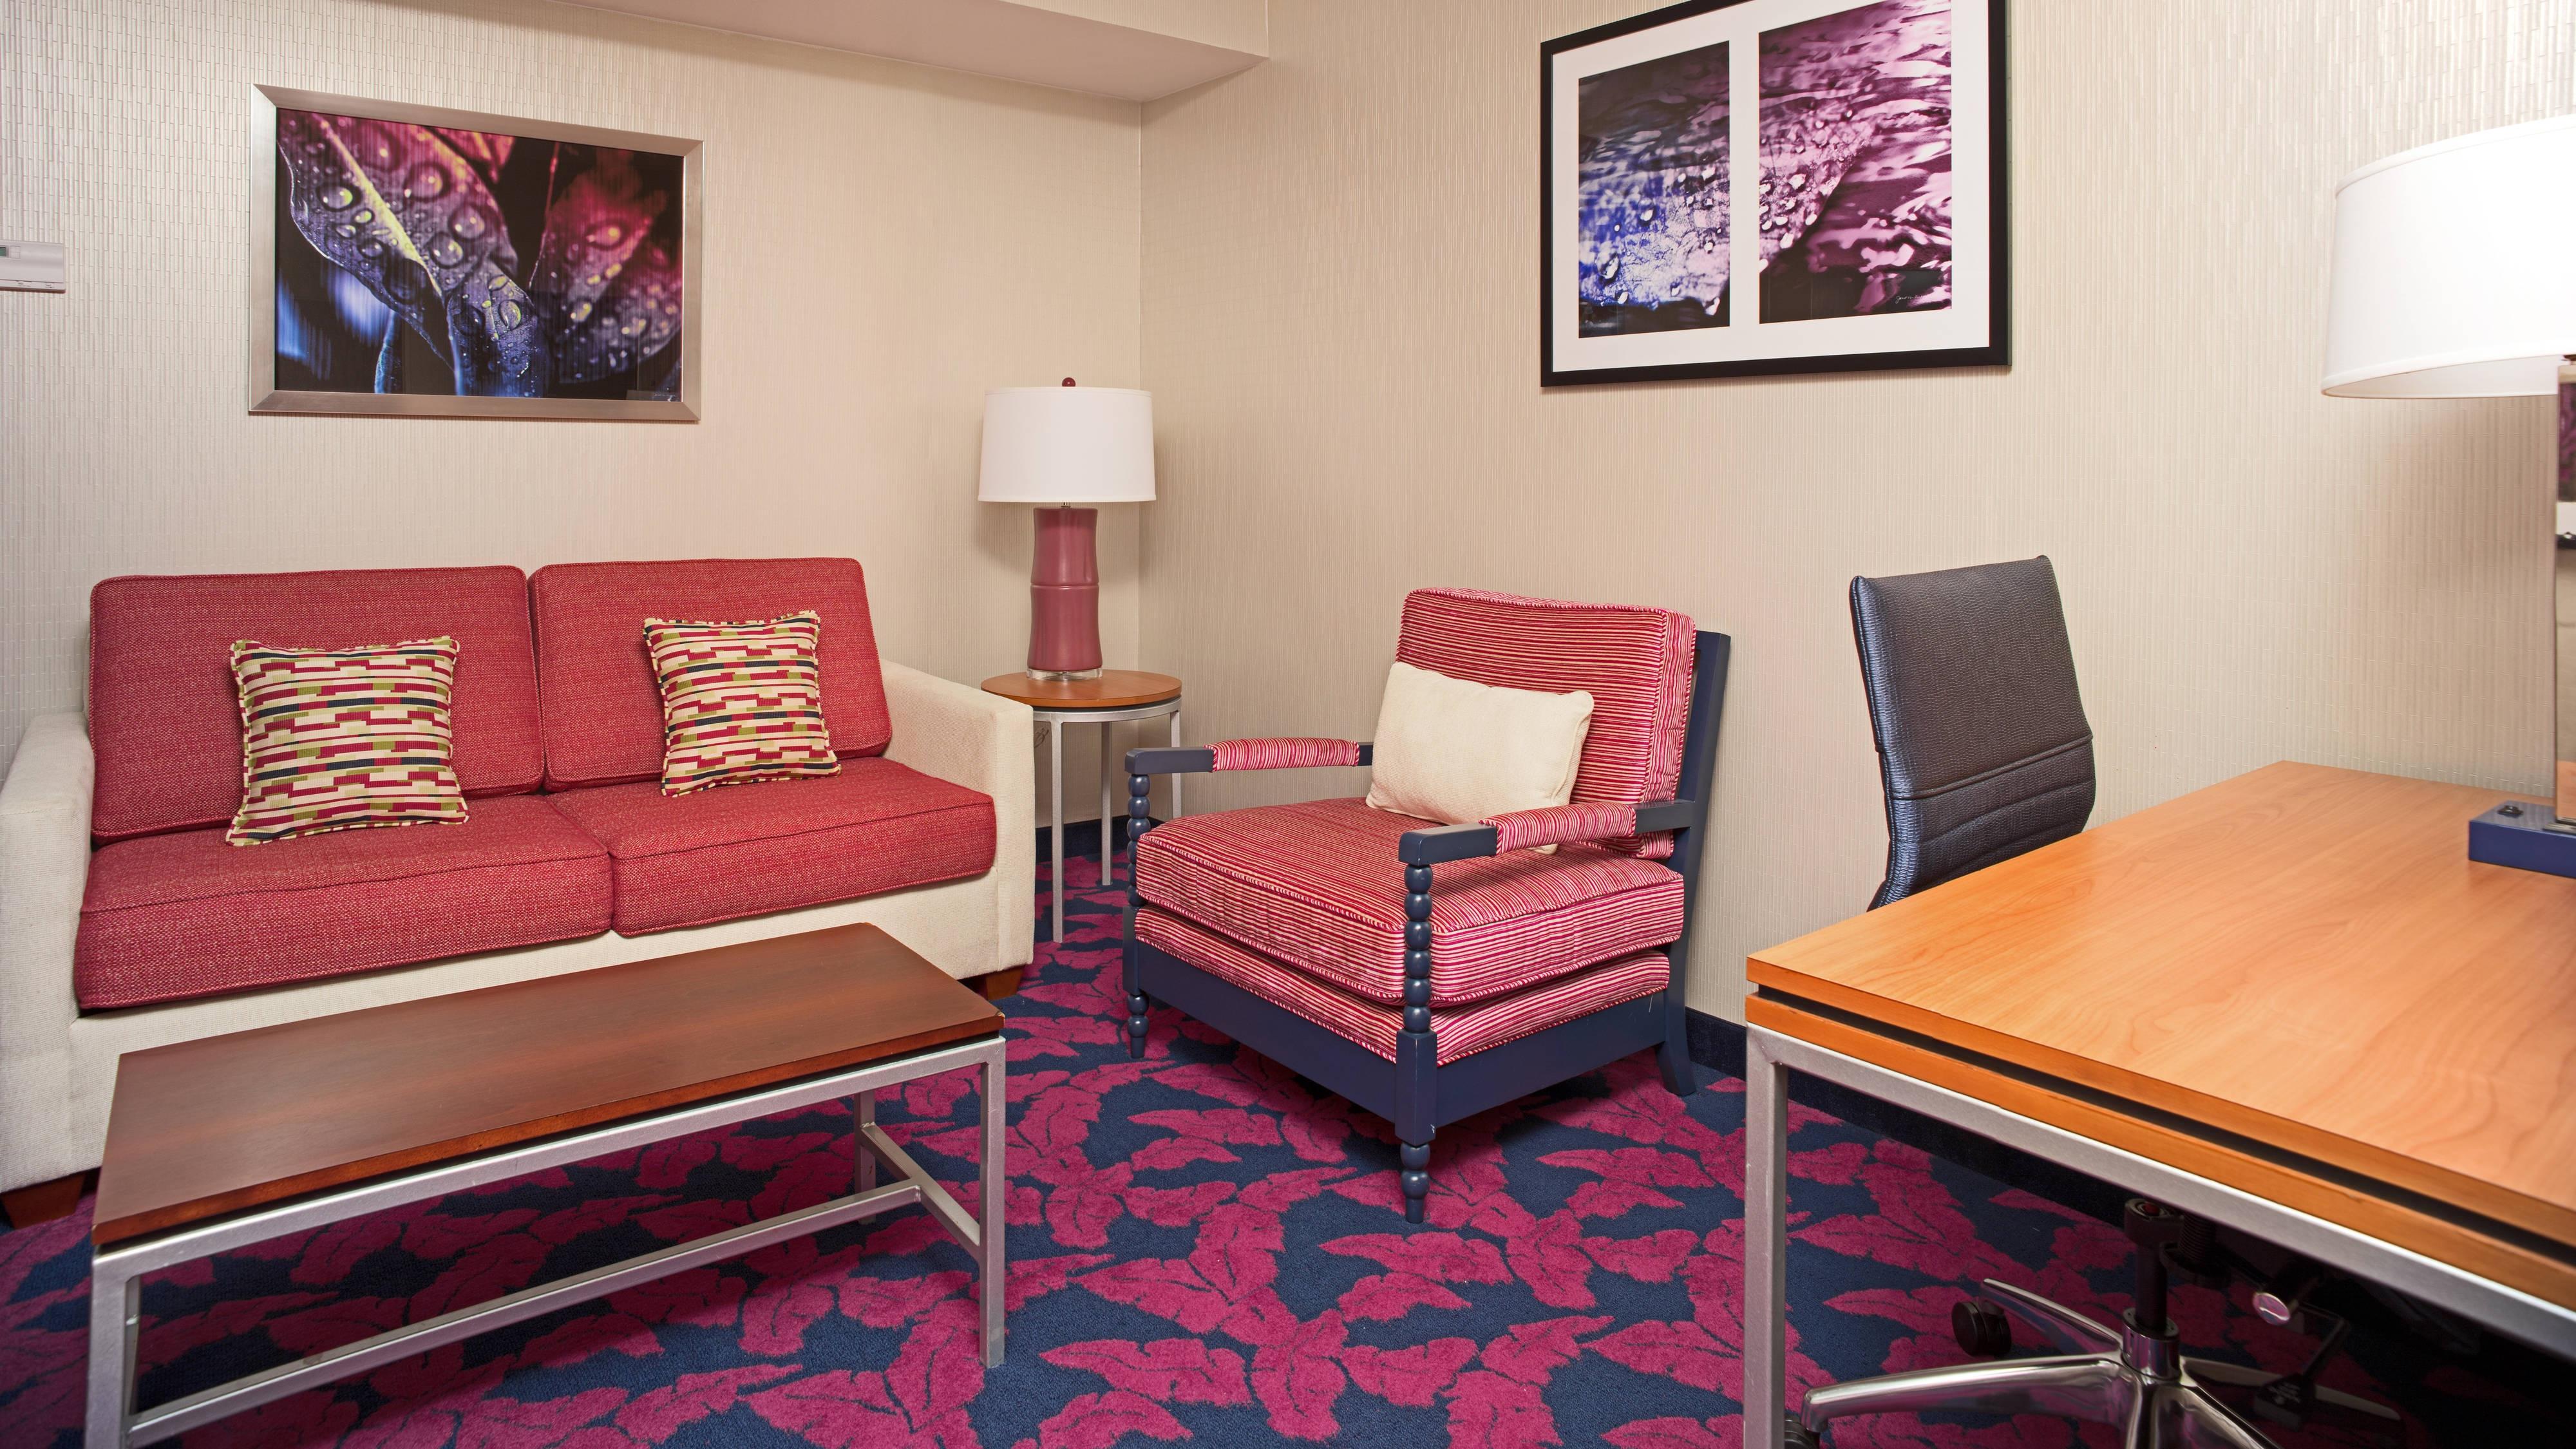 SpringHill Suites Virginia Beach Studio Suite